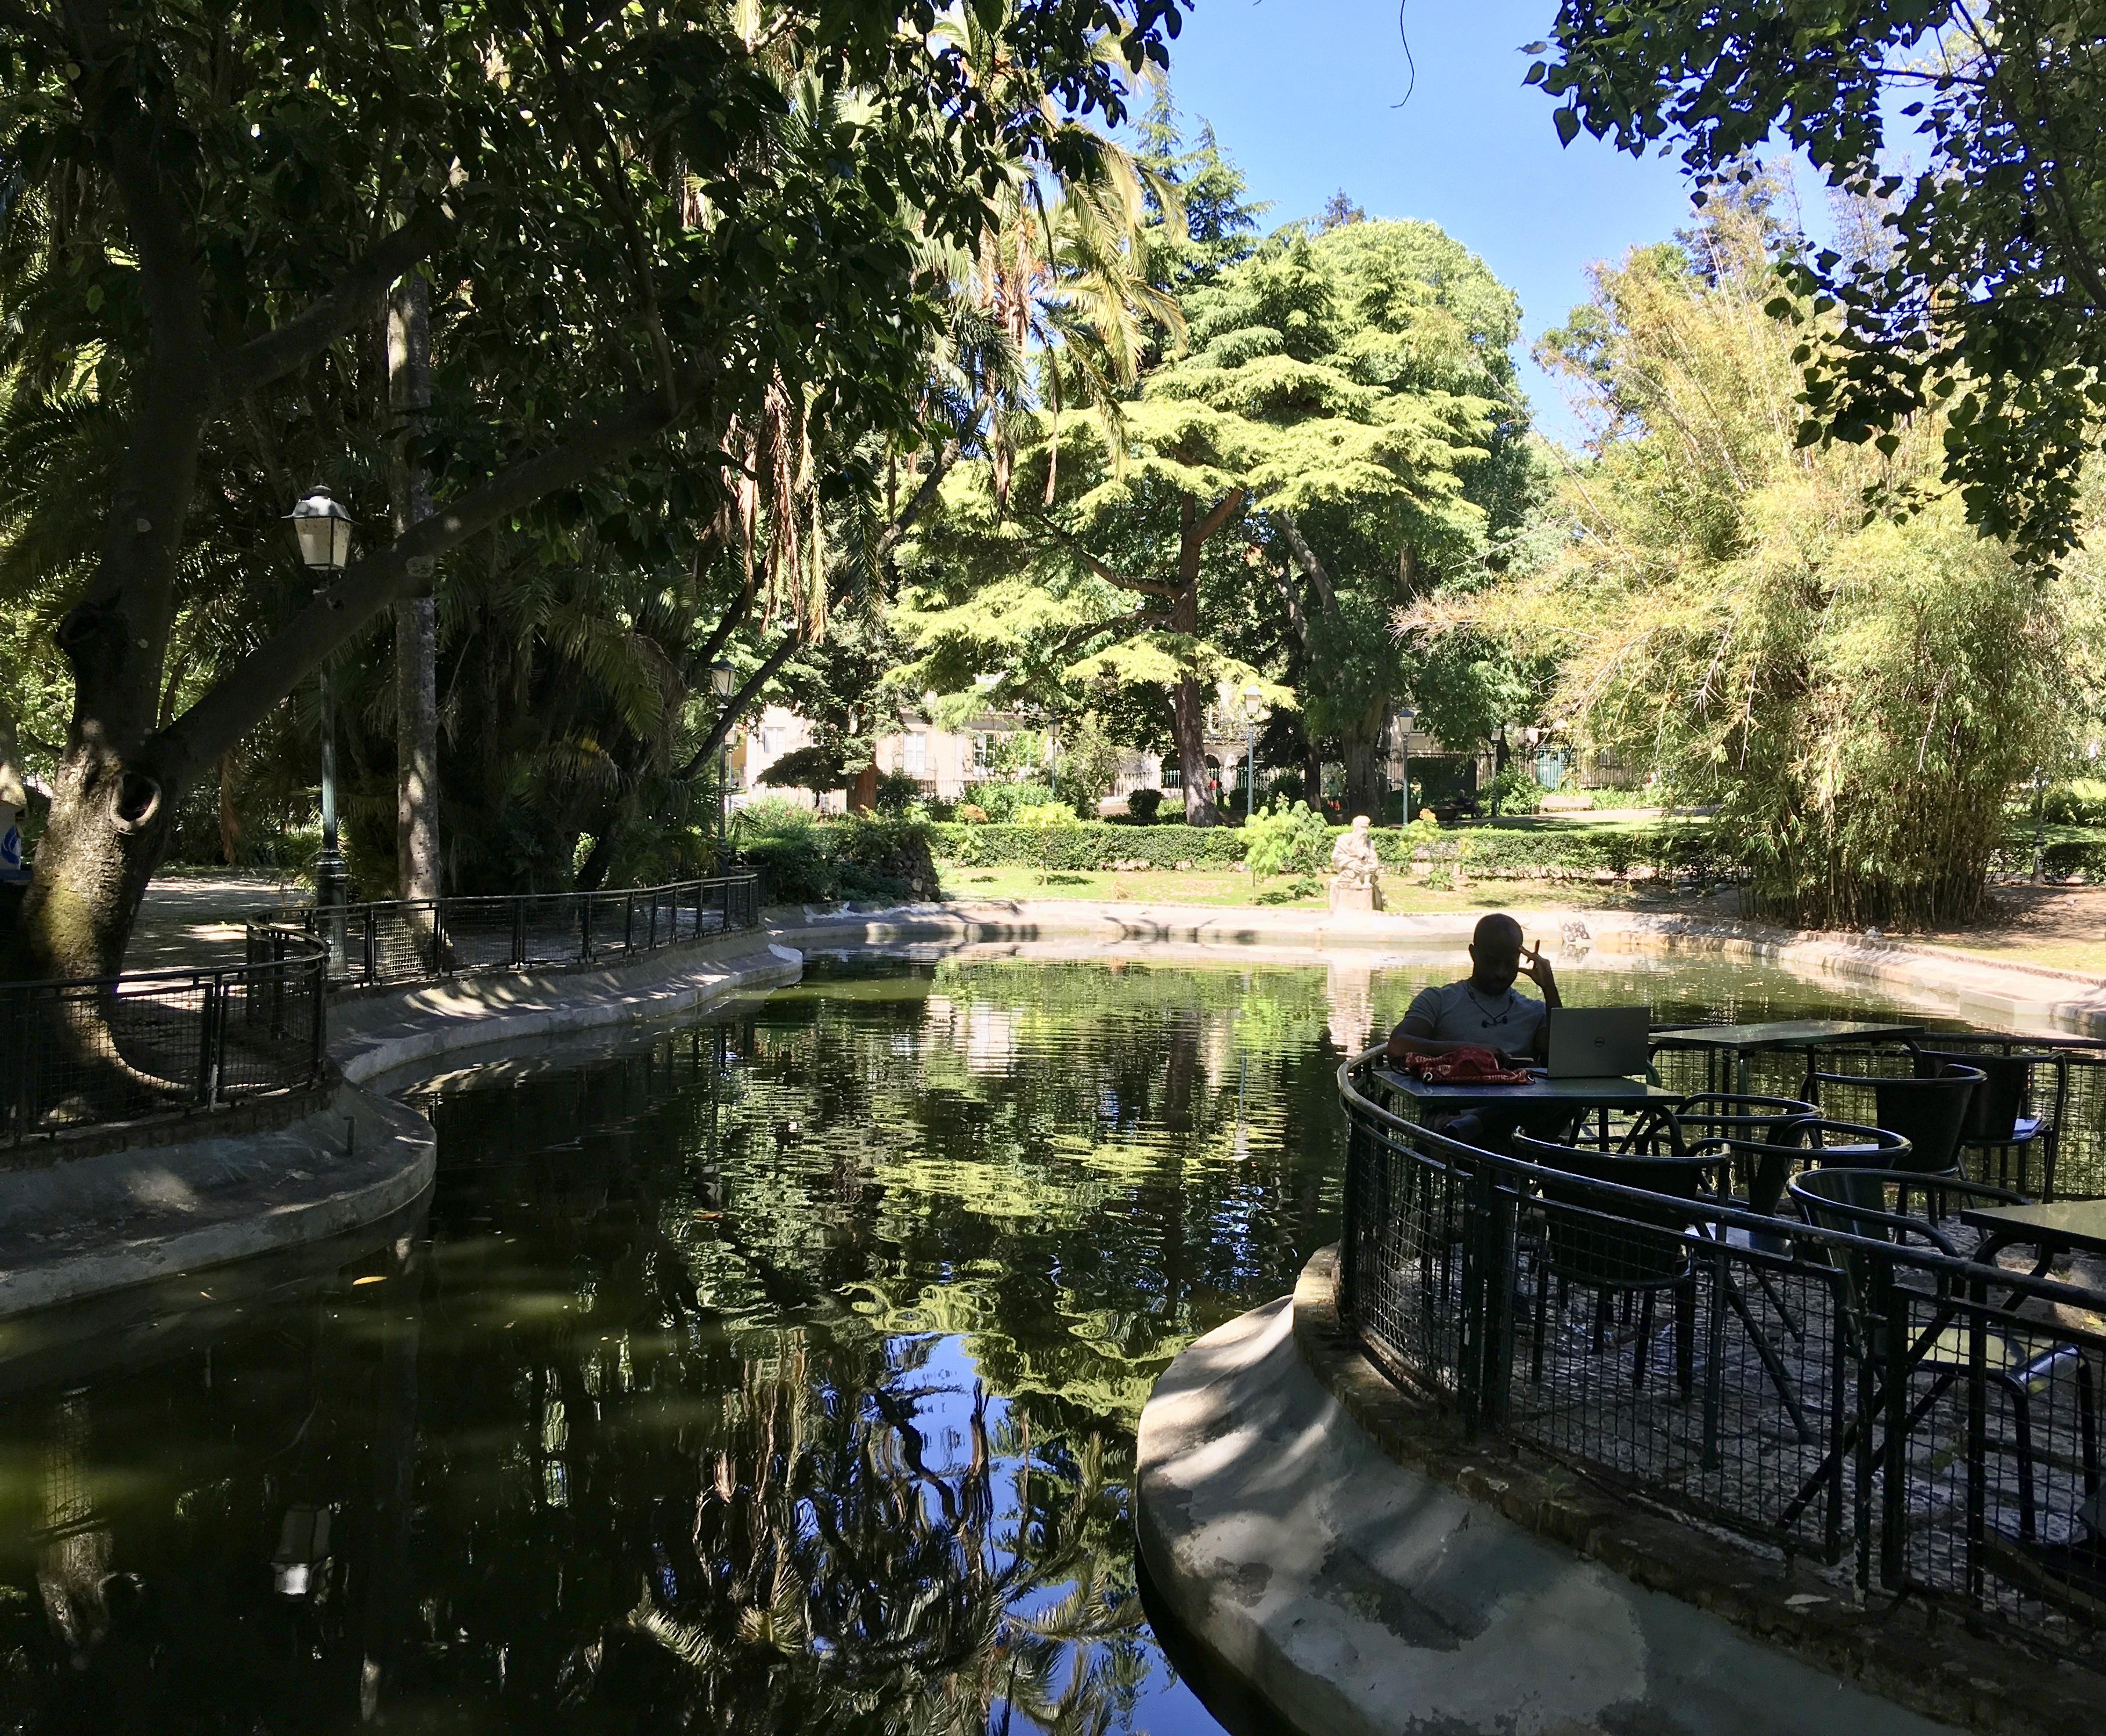 Jardim da Estrela – Najpiękniejsze ogrody Lizbony